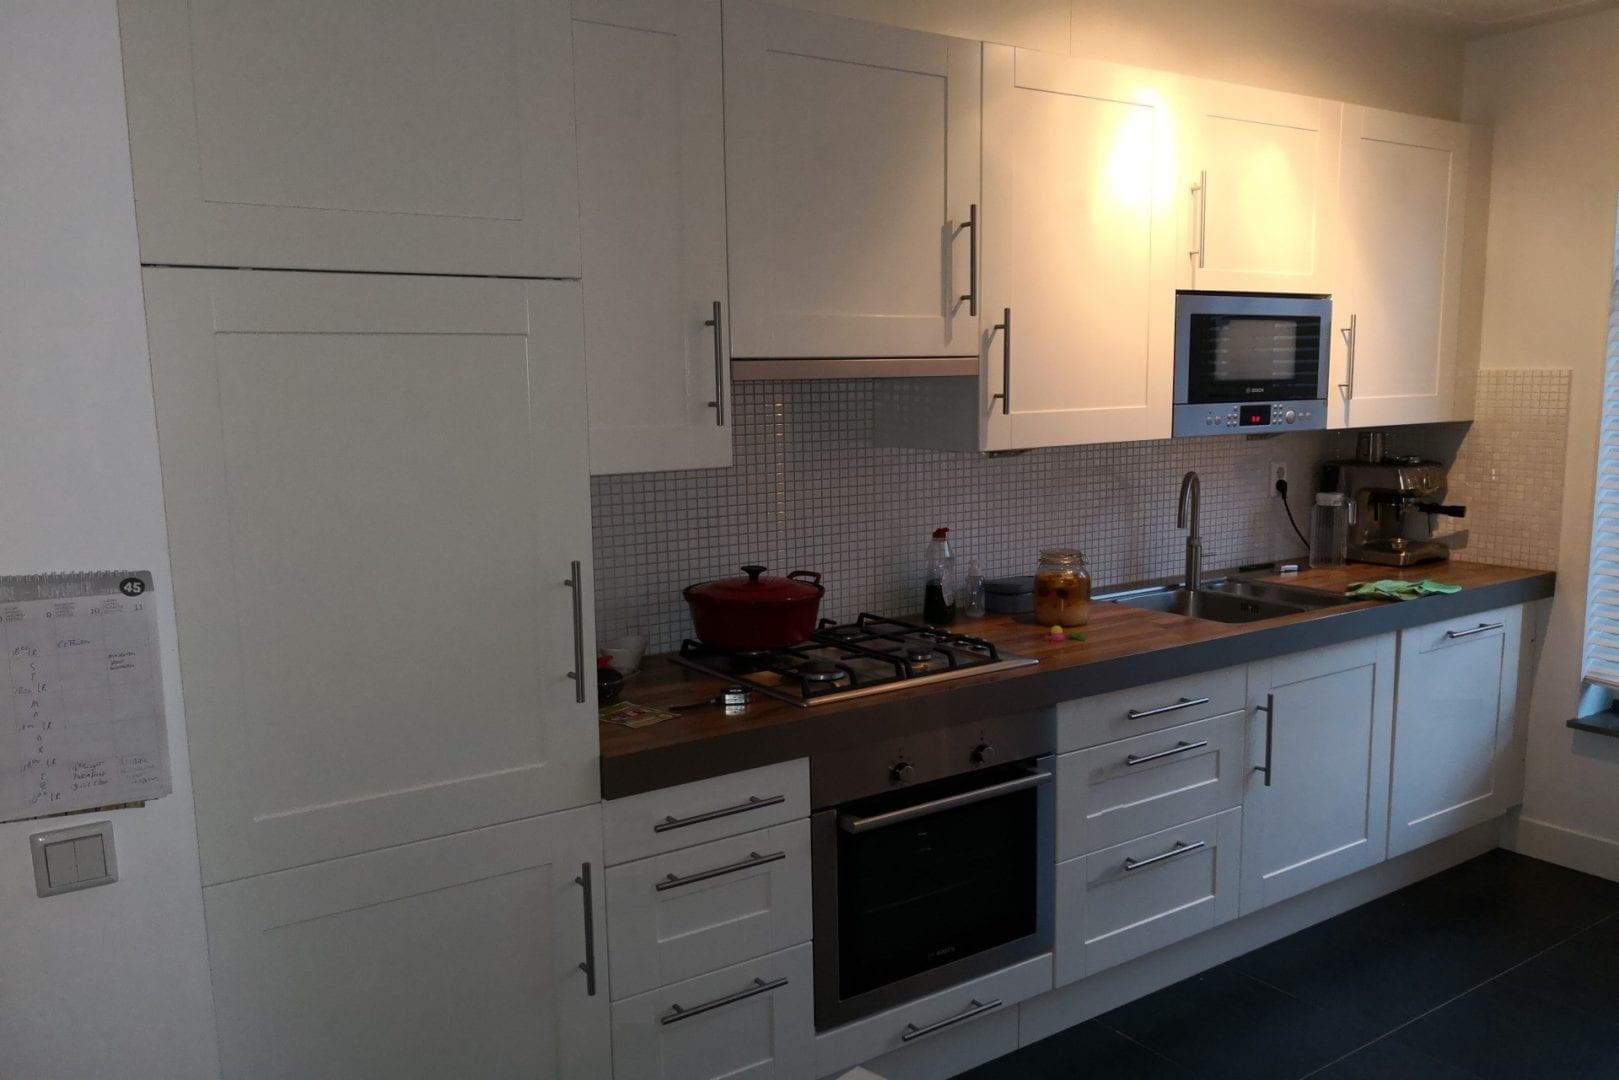 IKEA keuken deuren veranderen 1